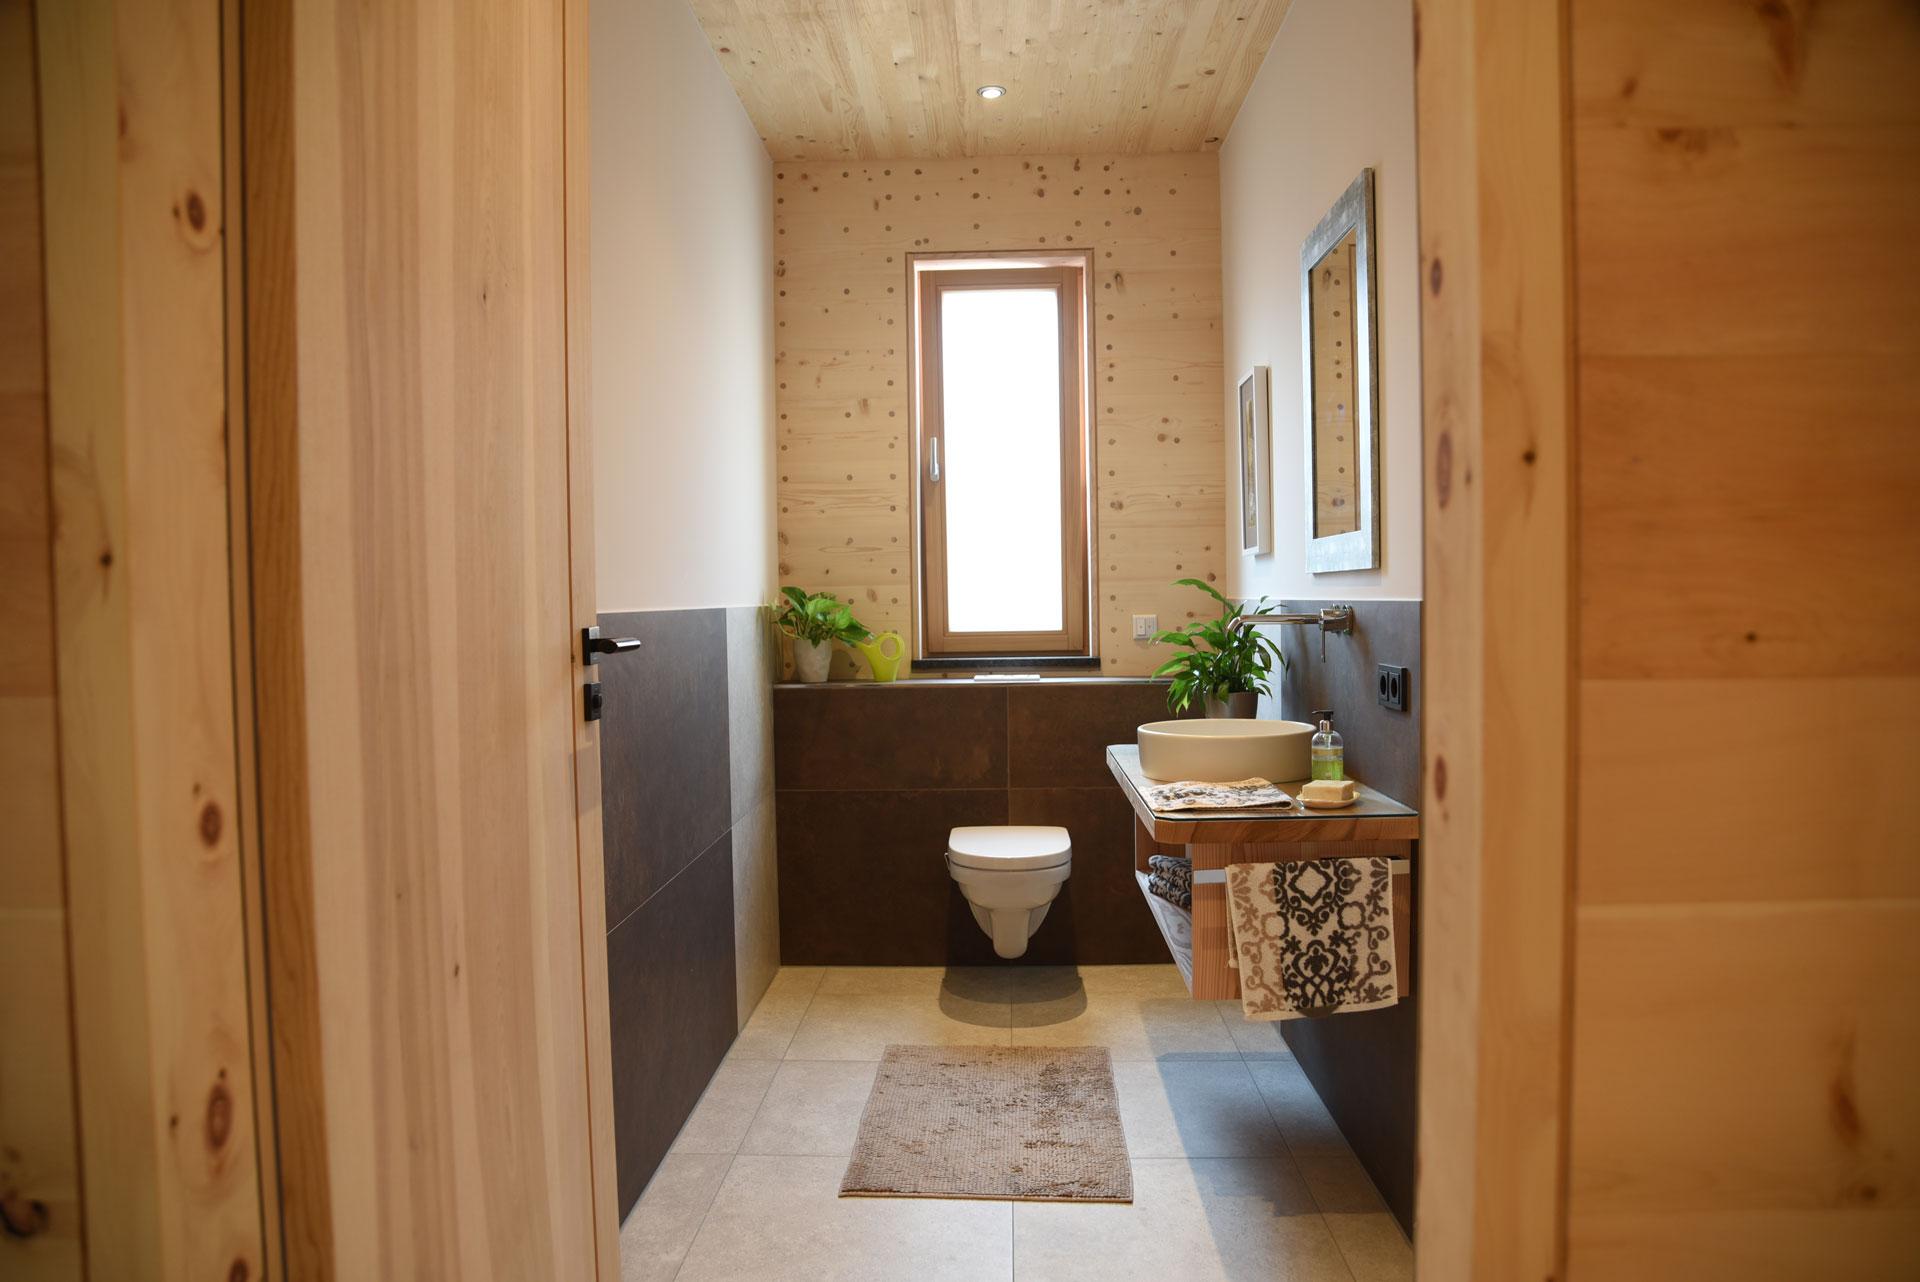 Probewohnung Bad und WC